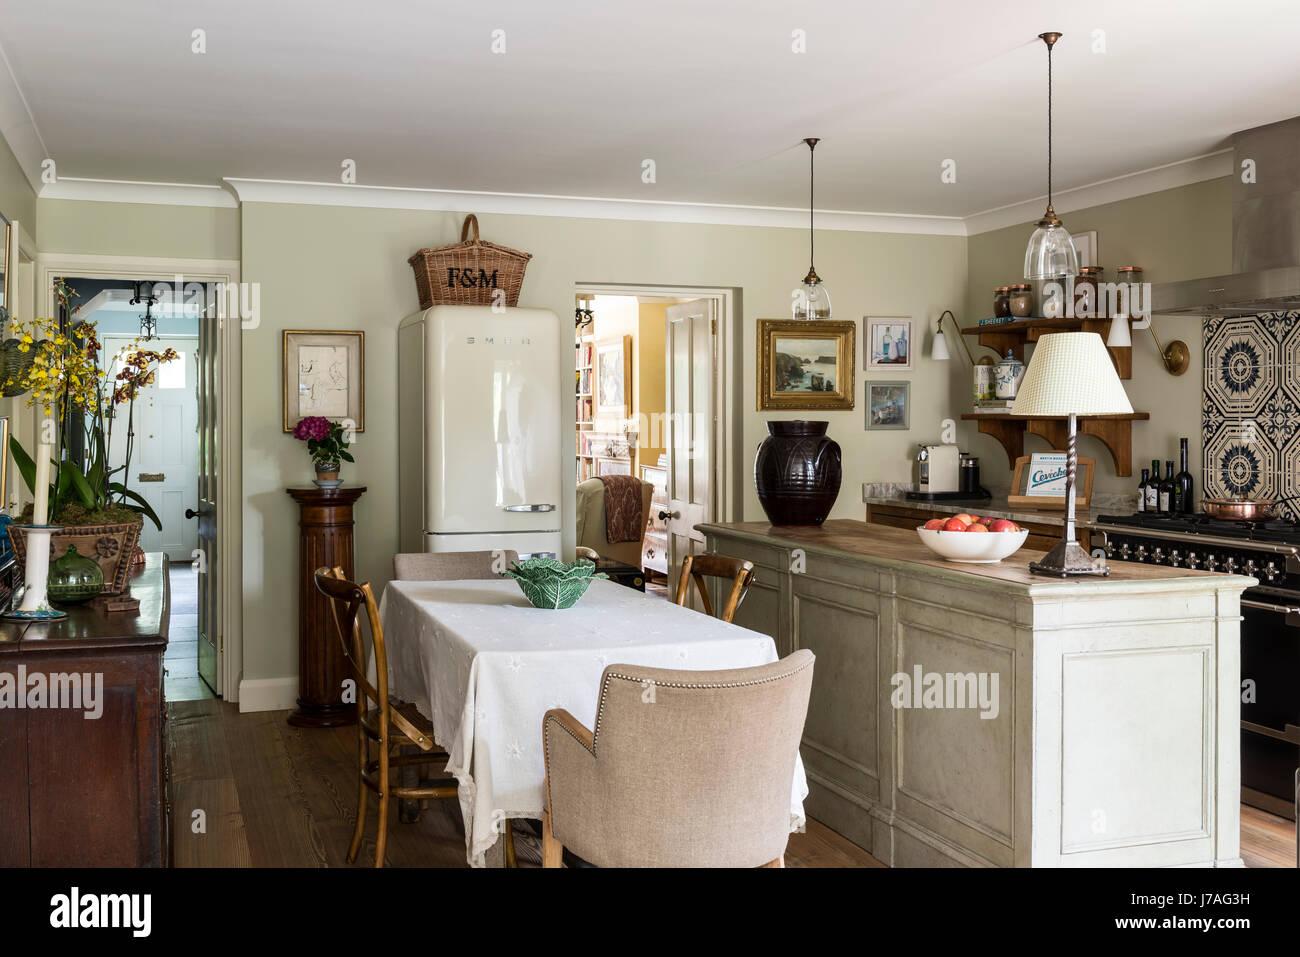 Smeg Kühlschrank Küche : Die küche mit retro kühlschrank ausstatten freshouse